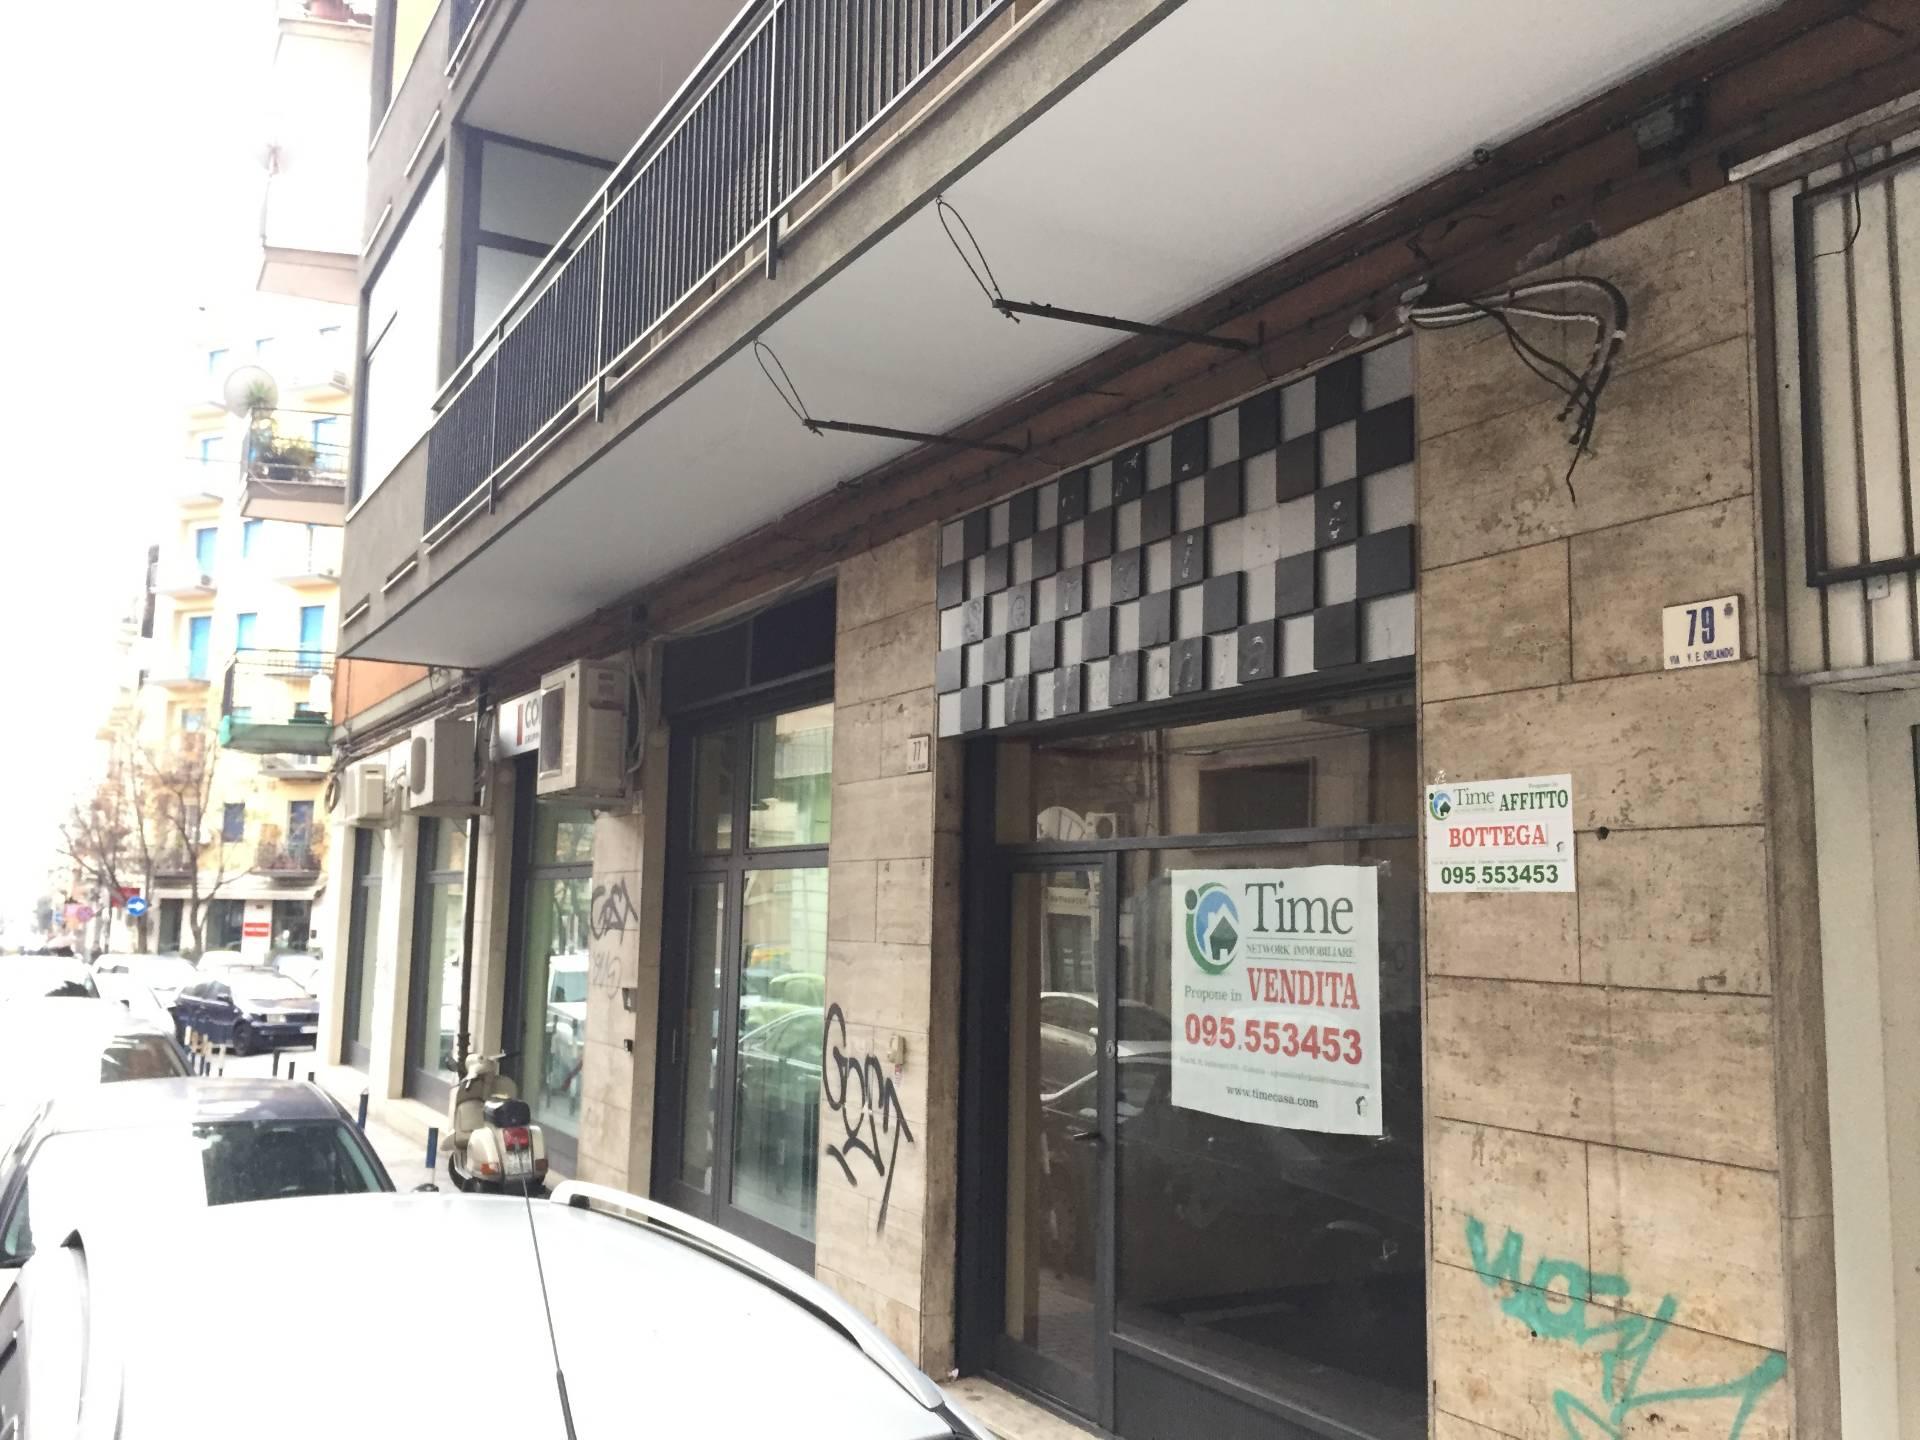 Negozio / Locale in affitto a Catania, 9999 locali, zona Località: C.sodelleprovince, prezzo € 65.000 | CambioCasa.it